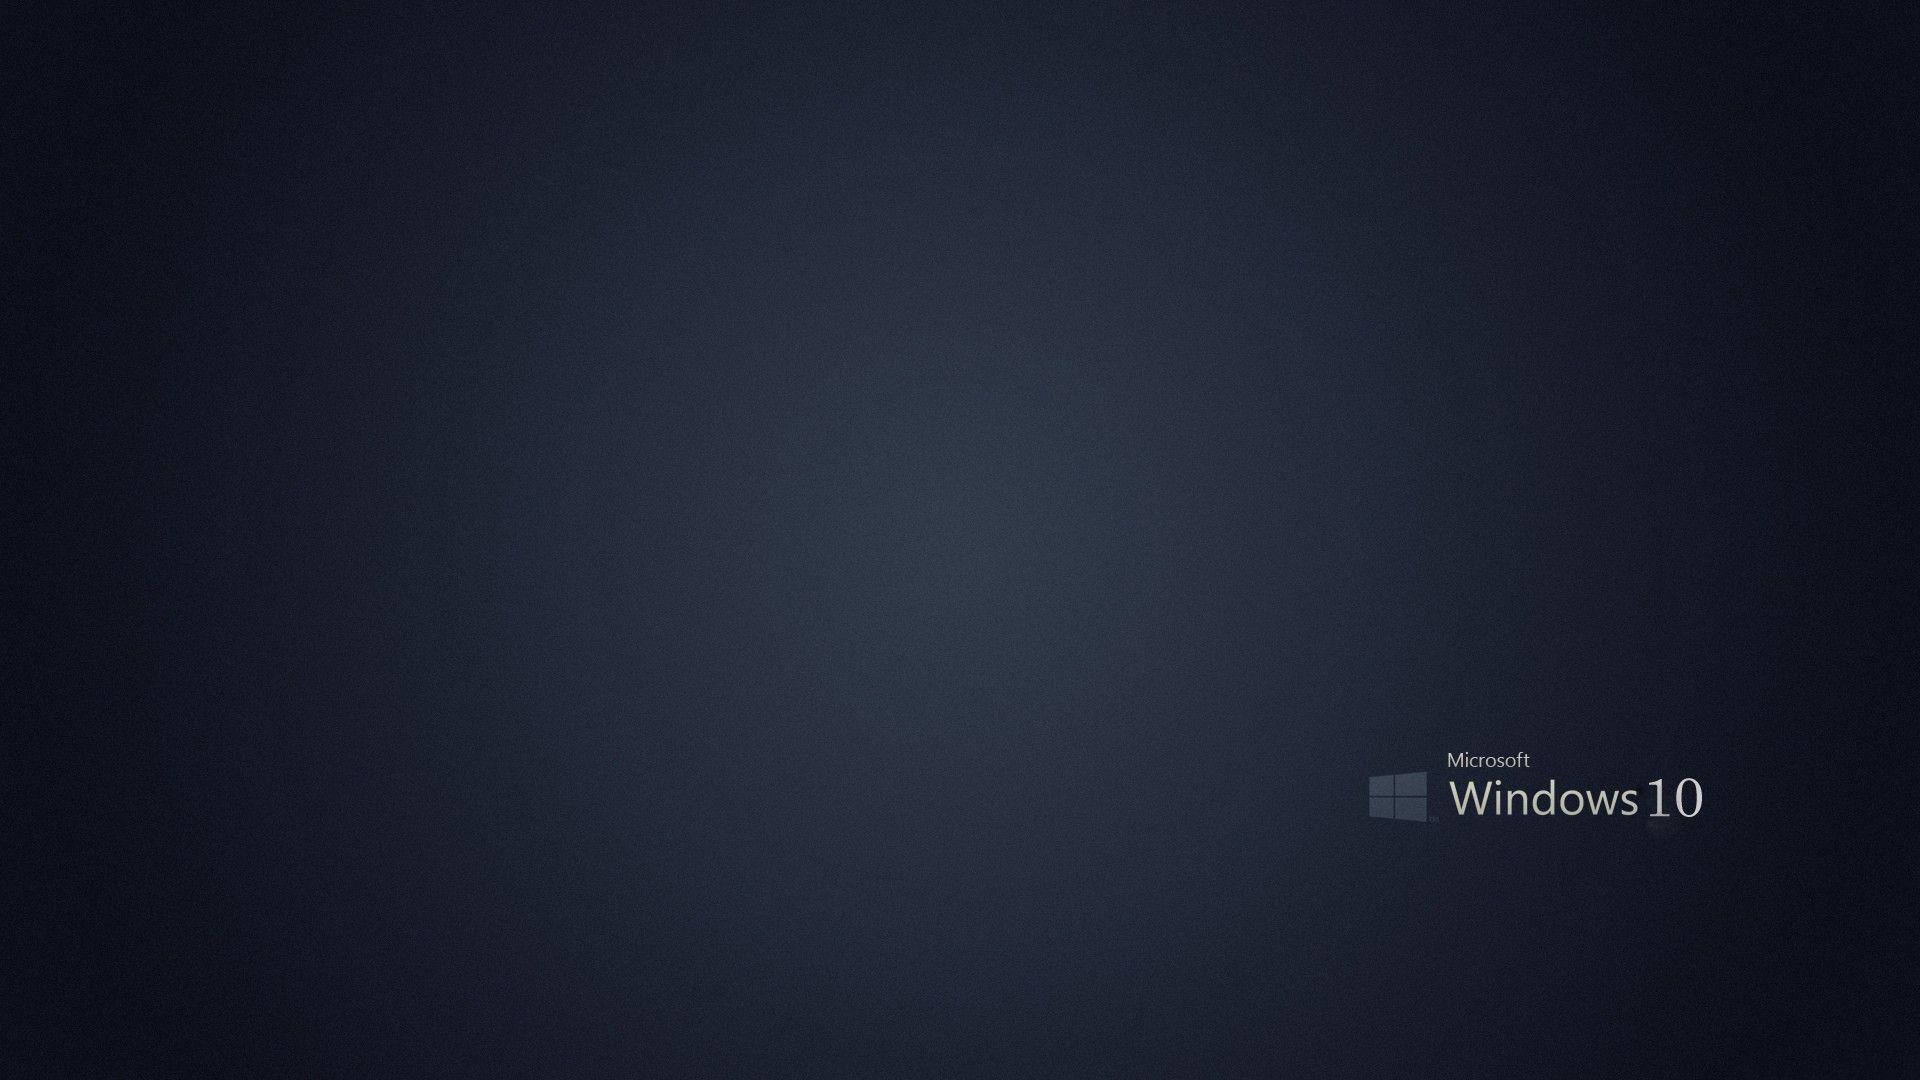 Windows 10 Black Hd Wallpaper For 4k Uhd Widescreen Desktop Smartphone Papel De Parede Do Windows Papel De Parede Do Notebook Imagem De Fundo De Computador